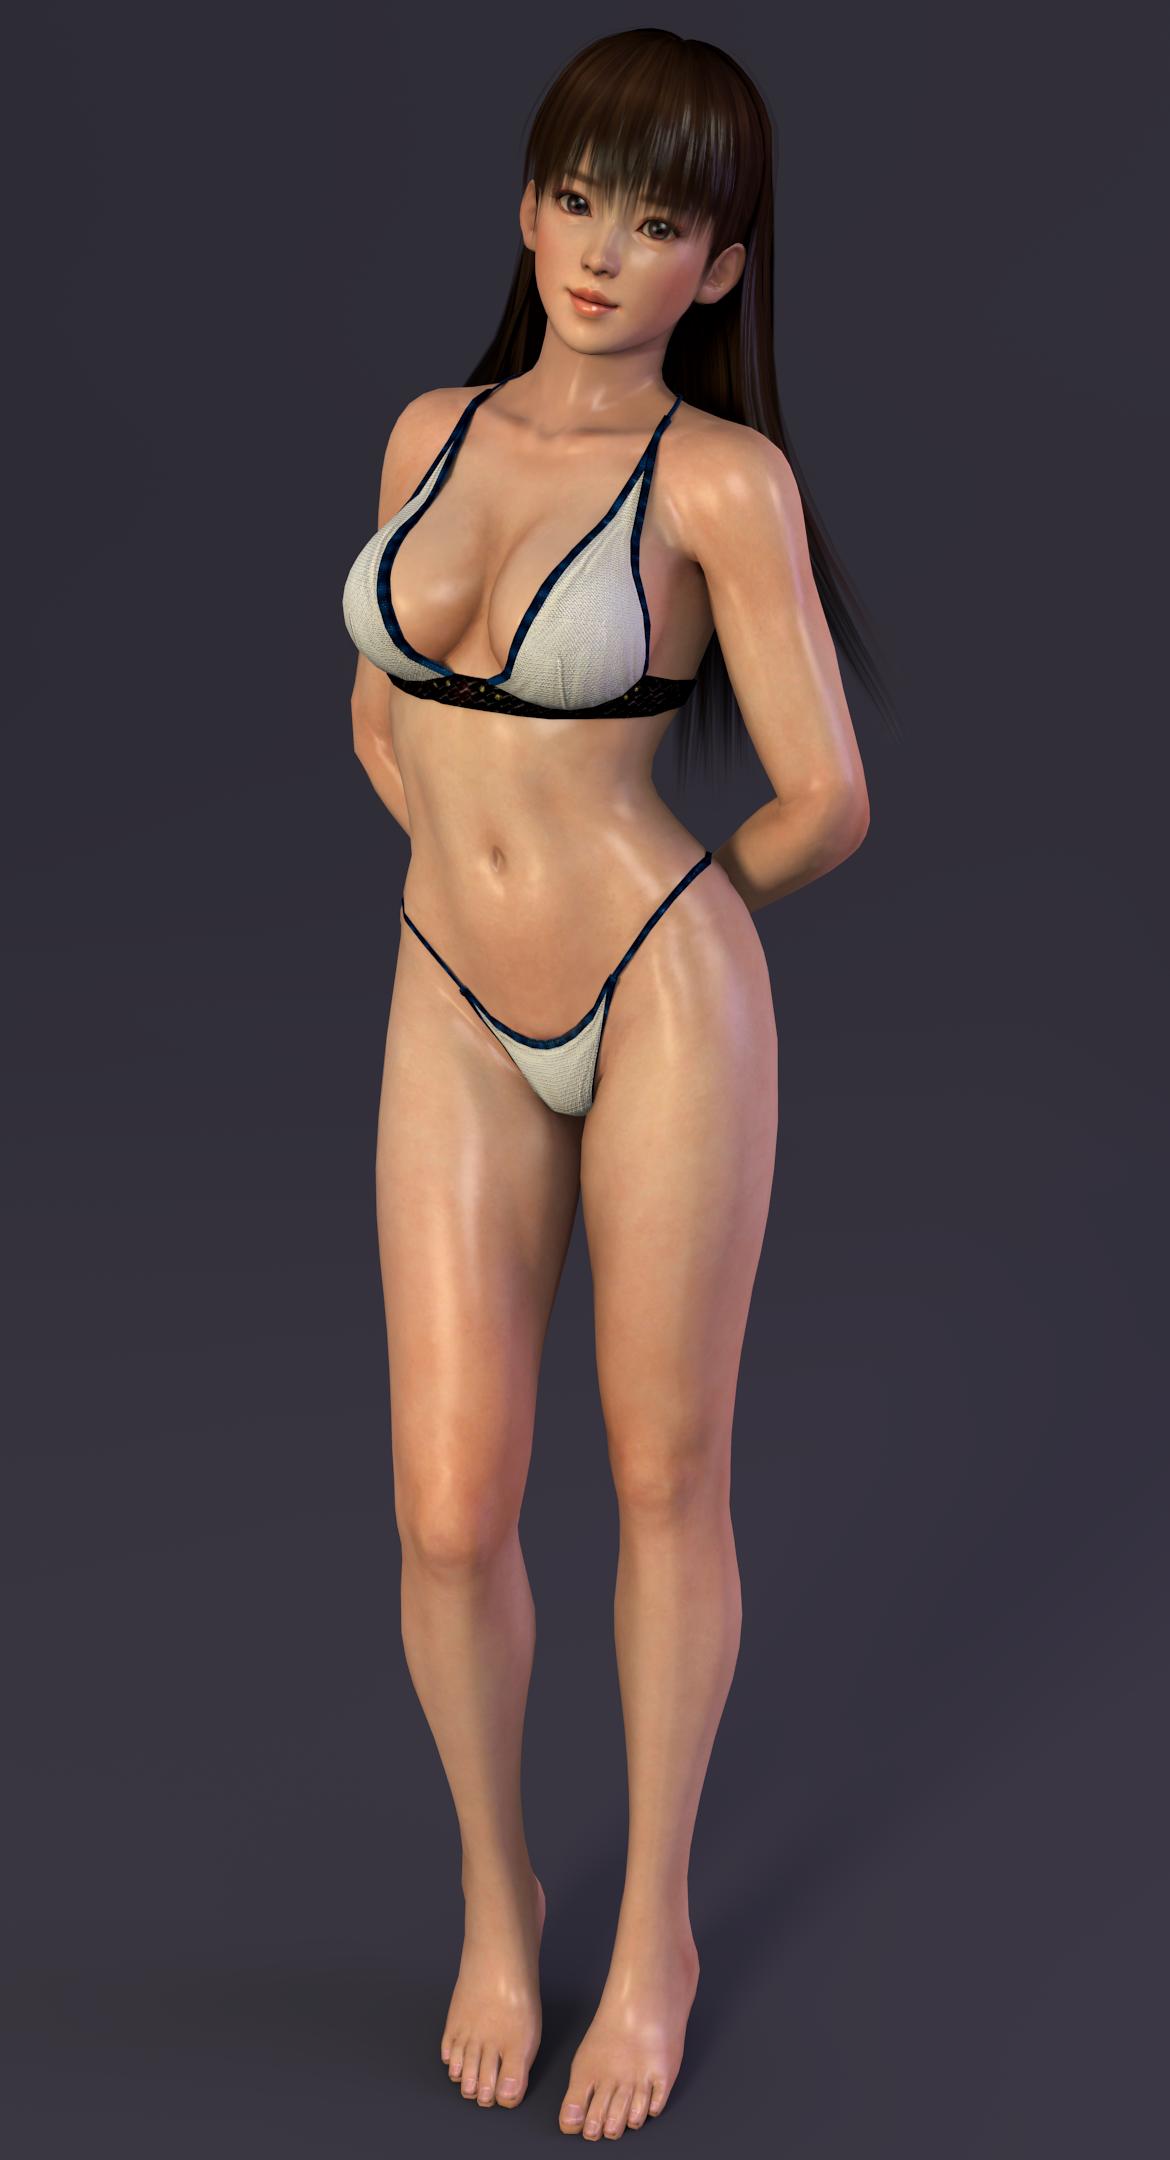 samurai nude Sexy girl